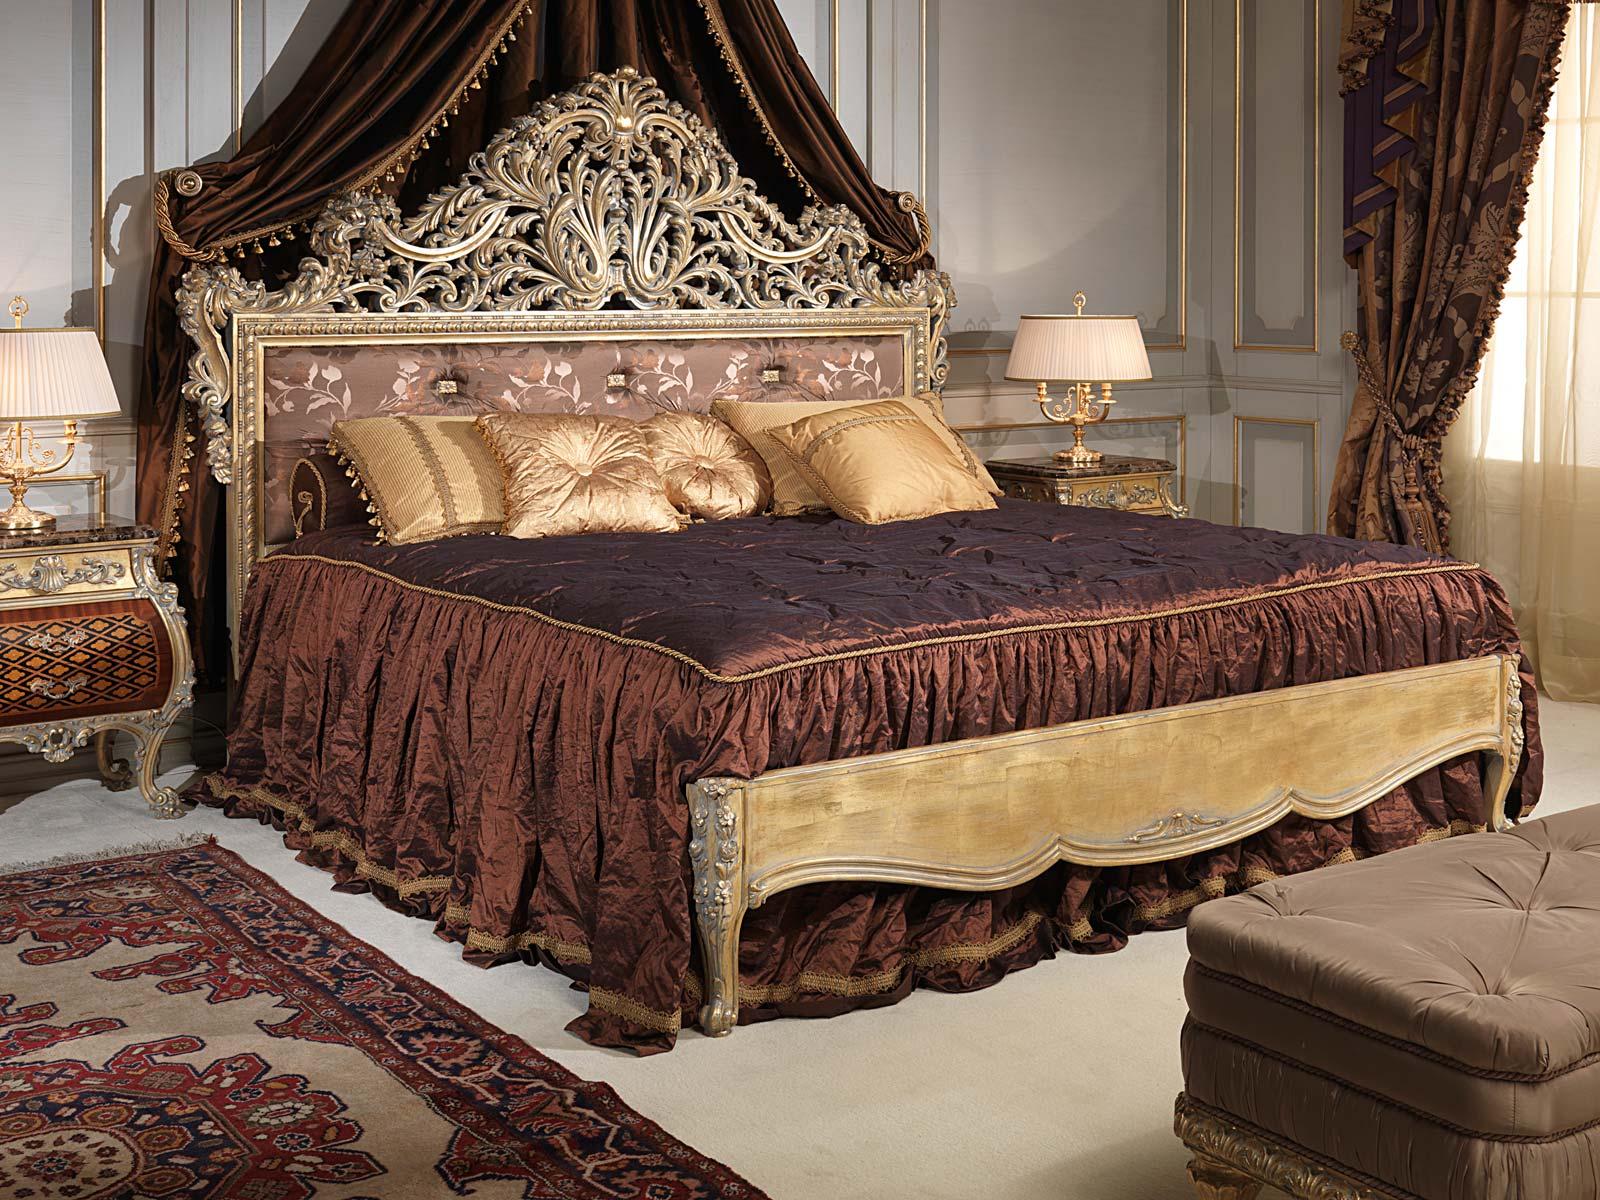 Camera da letto emperador gold stile luigi xv mobili classici di lusso vimercati meda - Divani letto classici di lusso ...